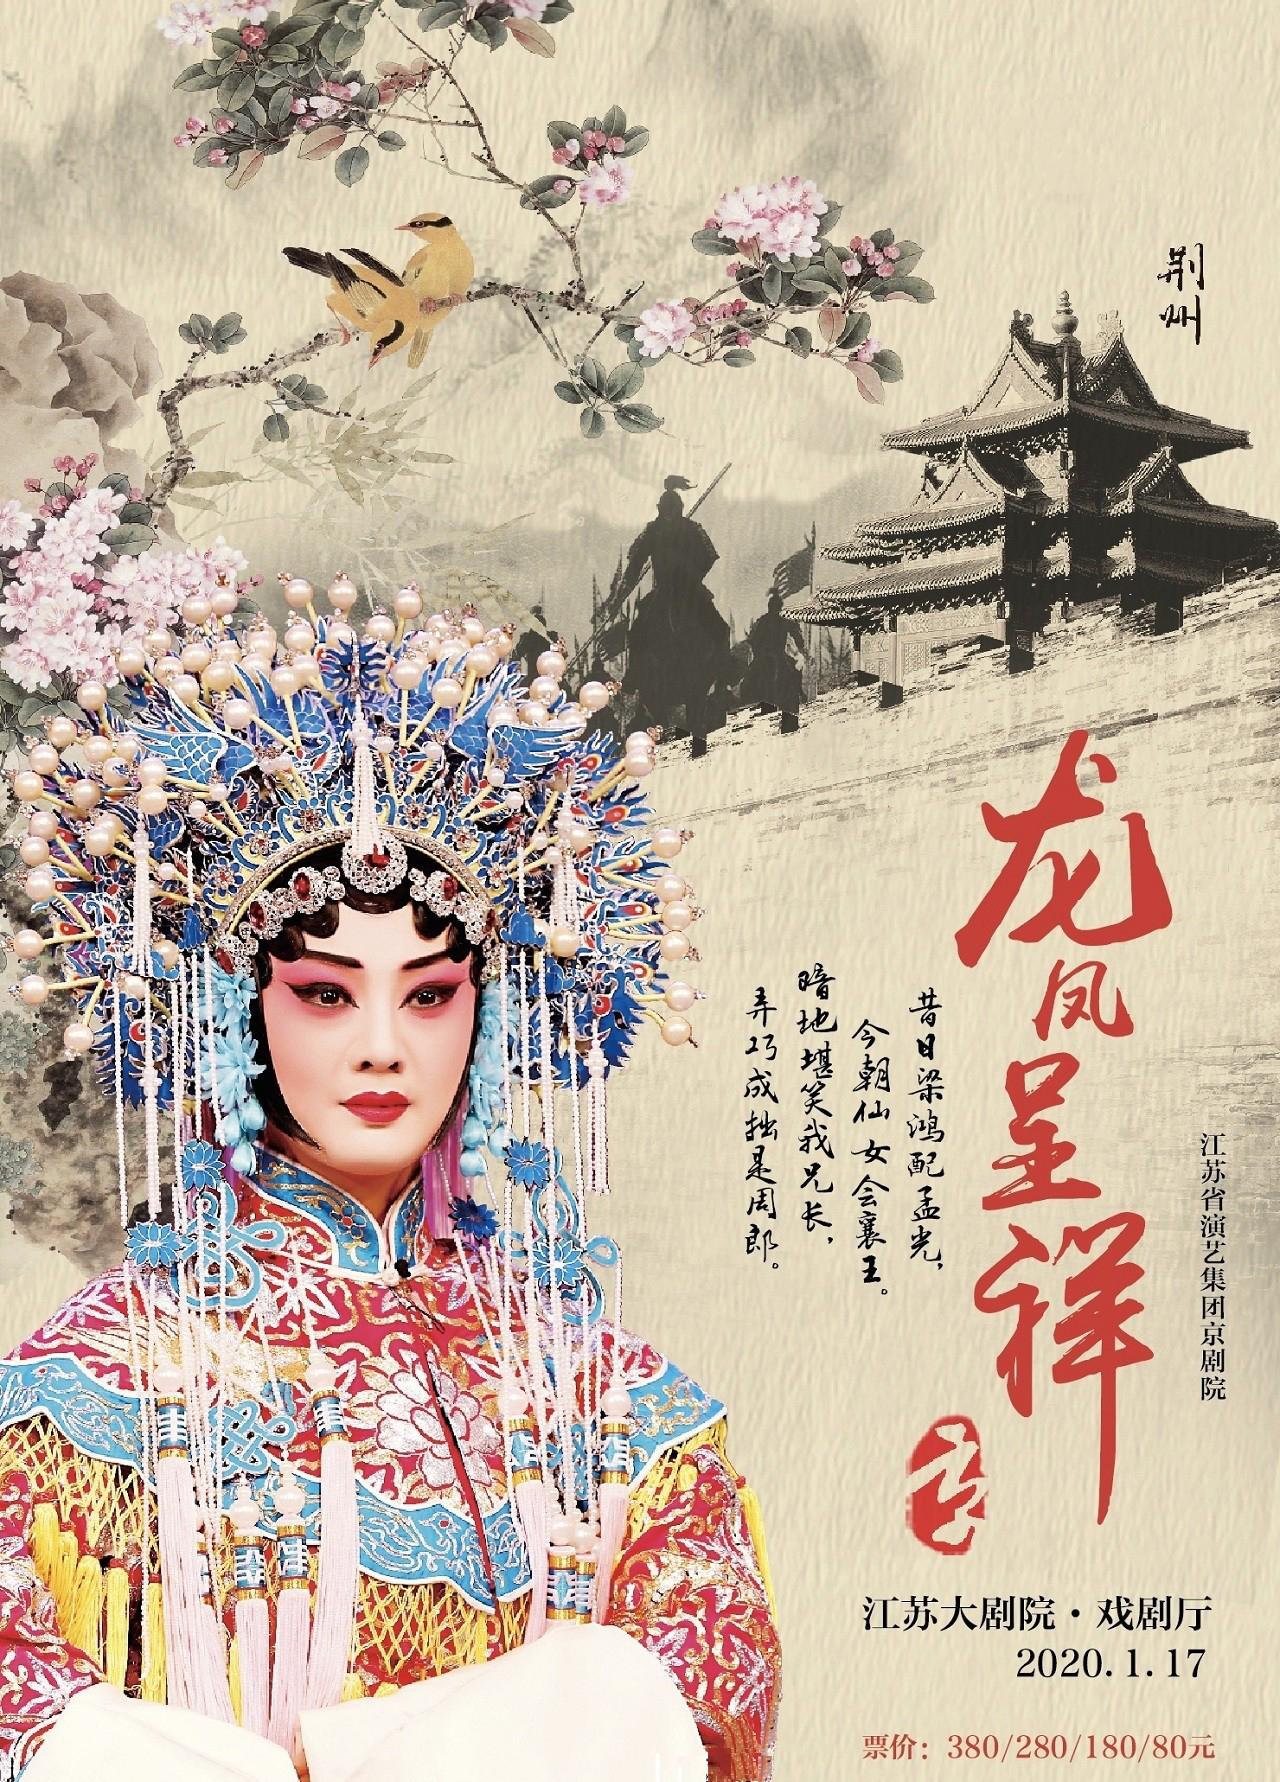 江苏省演艺集团京剧院京剧《龙凤呈祥》南京站